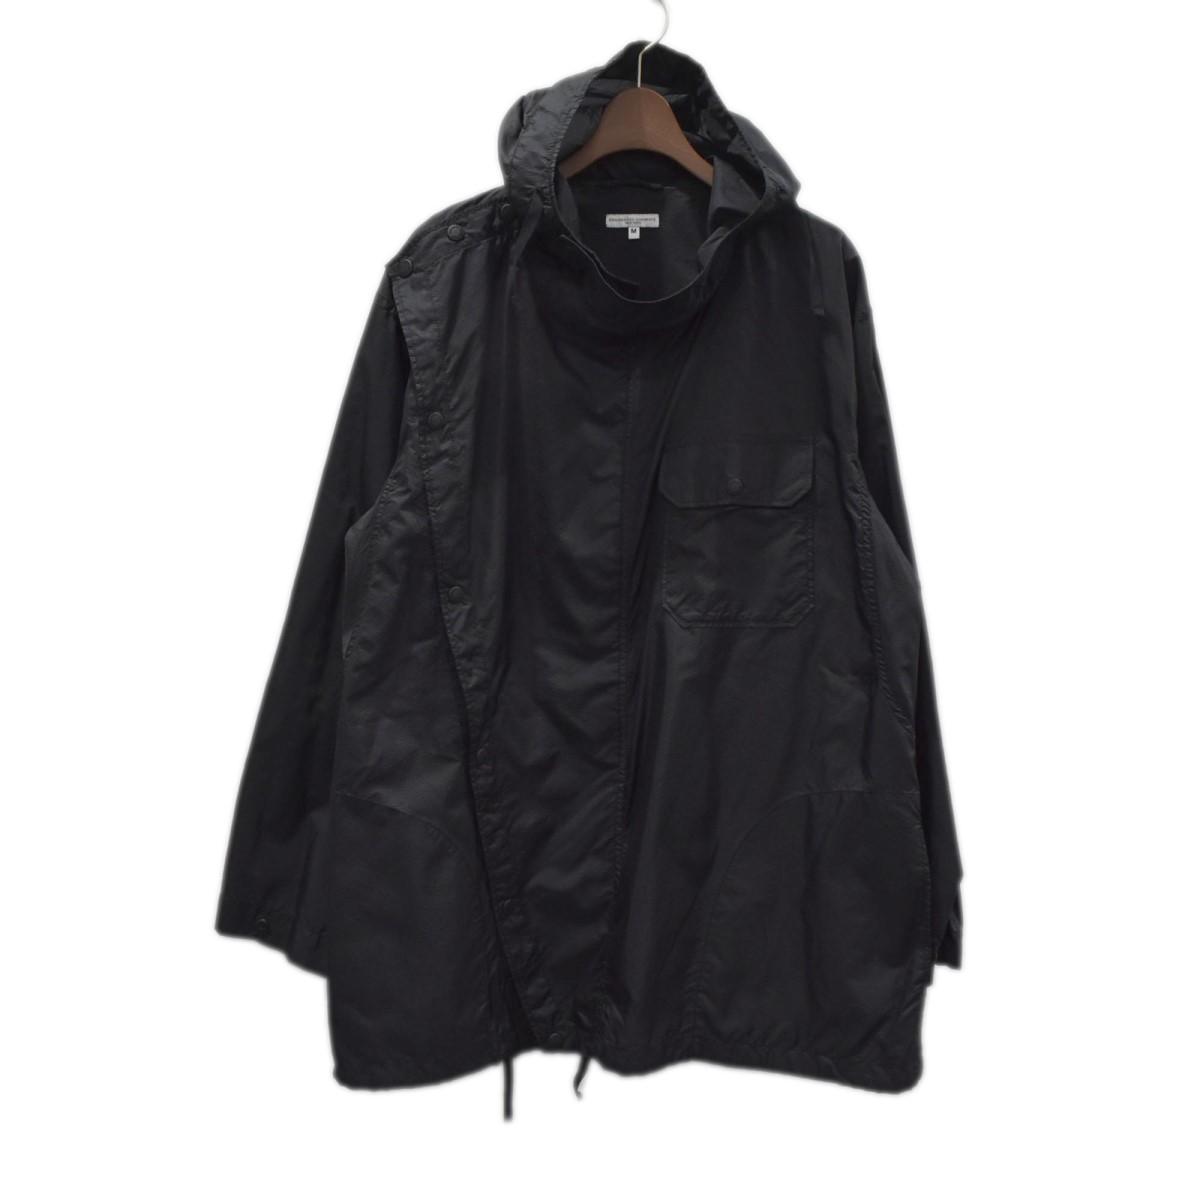 エンジニアードガーメンツ 中古 Engineered 宅配便送料無料 お中元 Garments MC Shirt 210221 シャツジャケット Jacket サイズ:M ブラック